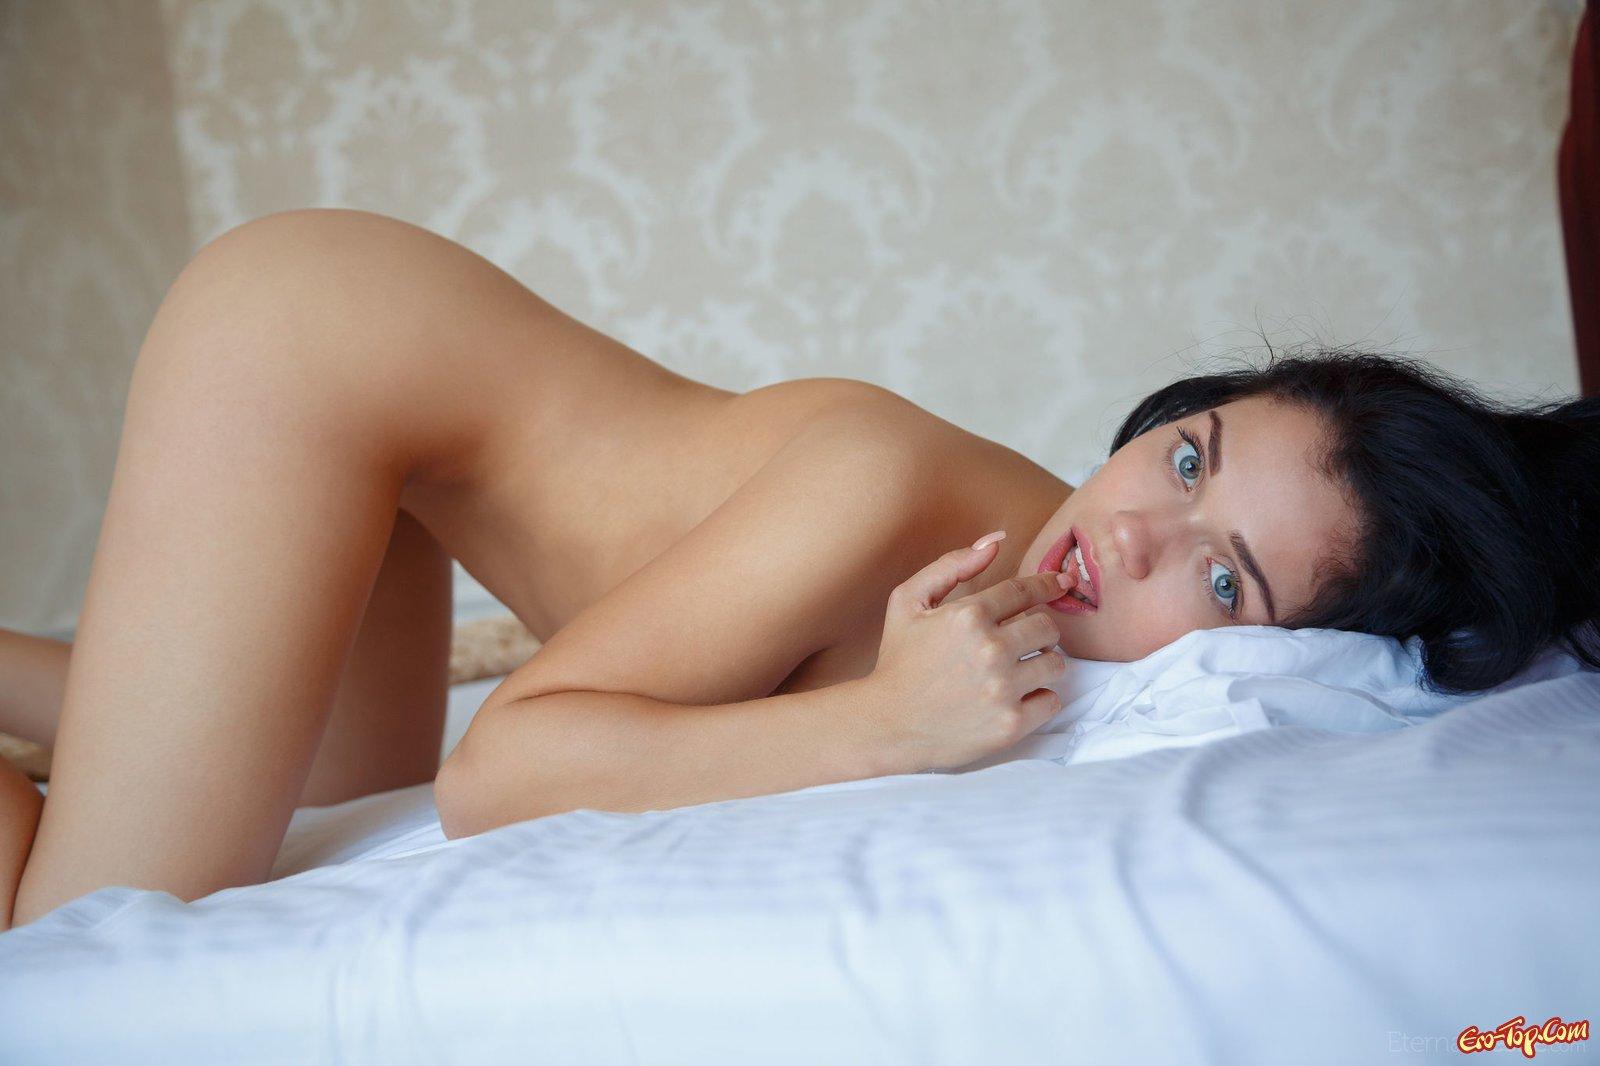 Сексуальная девушка позирует голой в постели